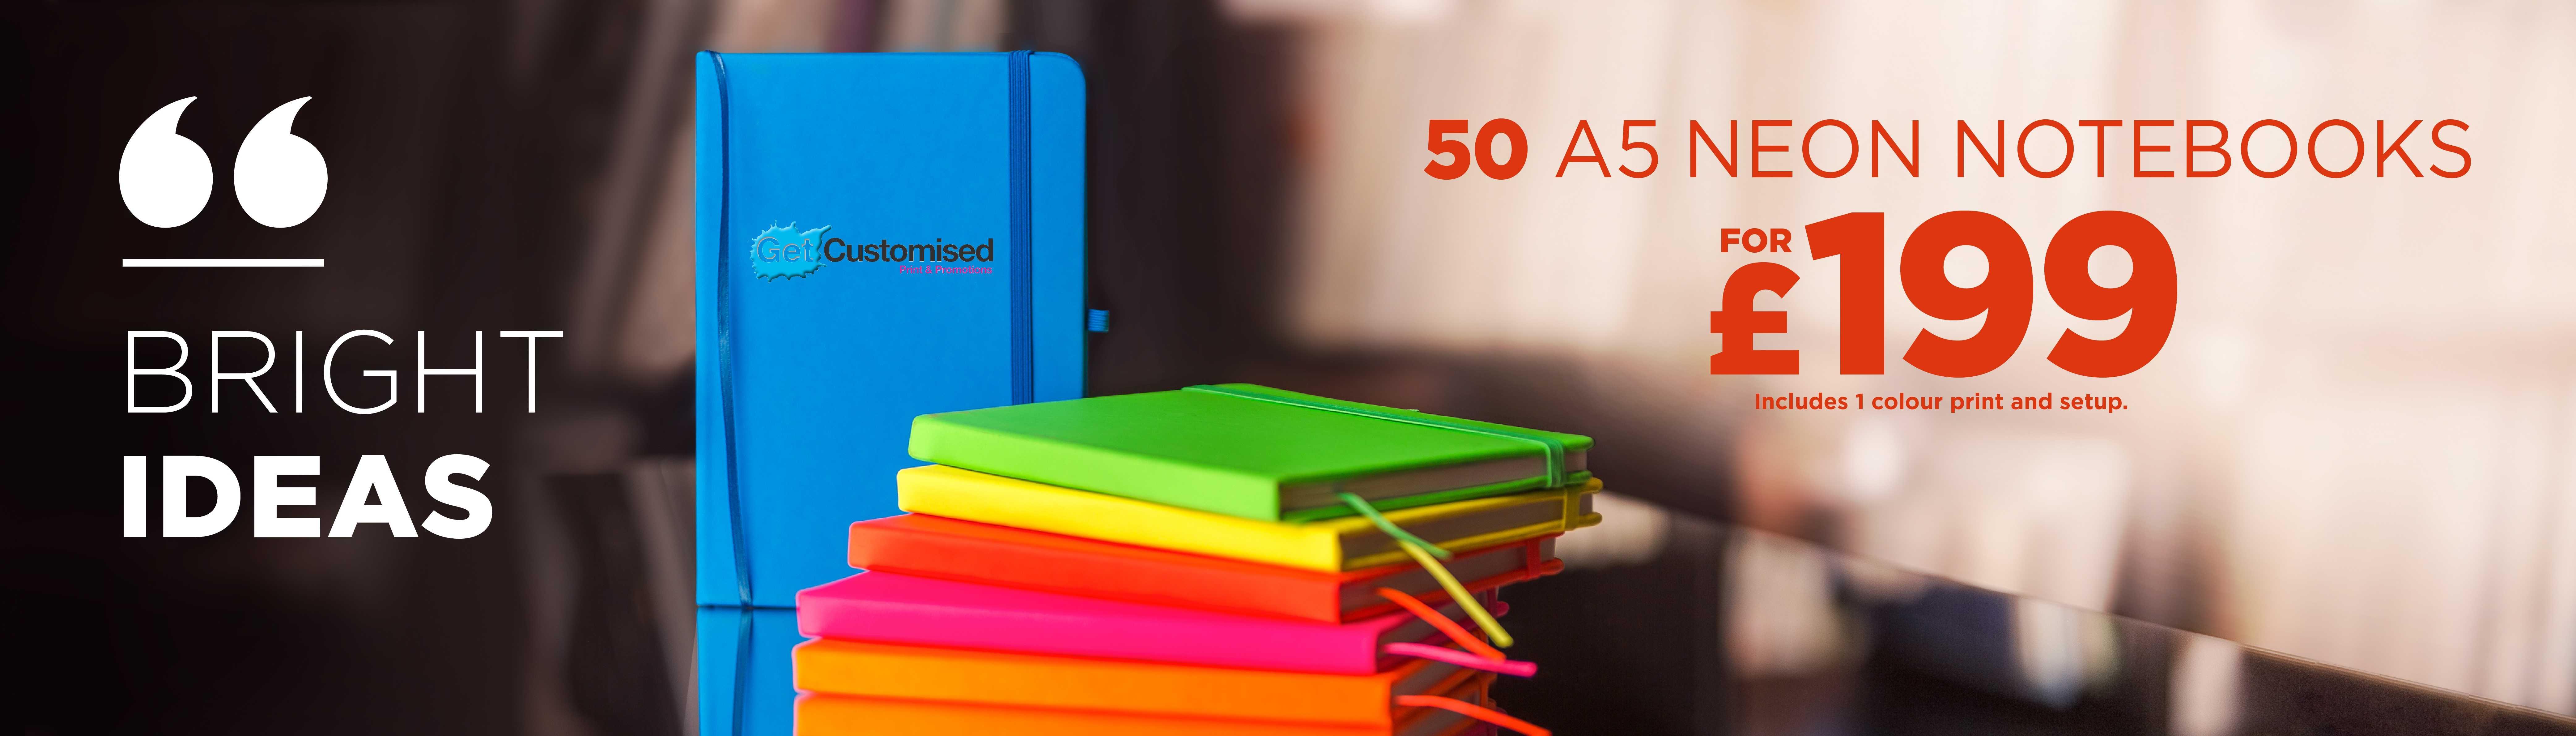 Channl Neon Notebook